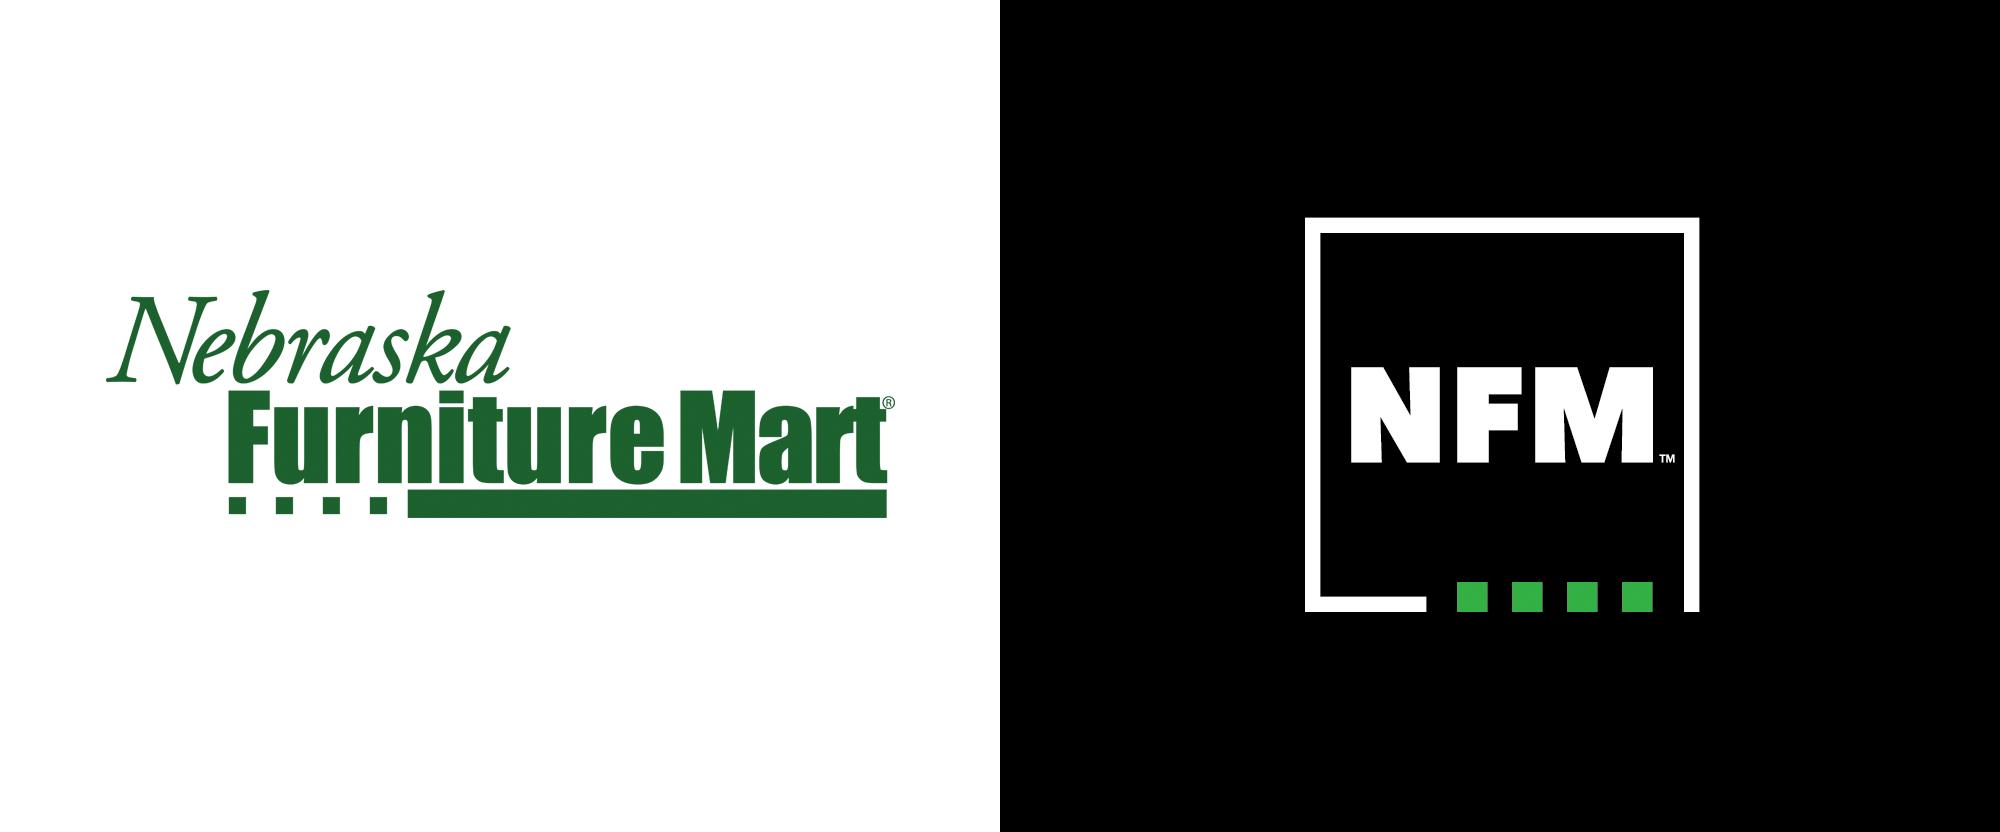 New Logo for Nebraska Furniture Mart